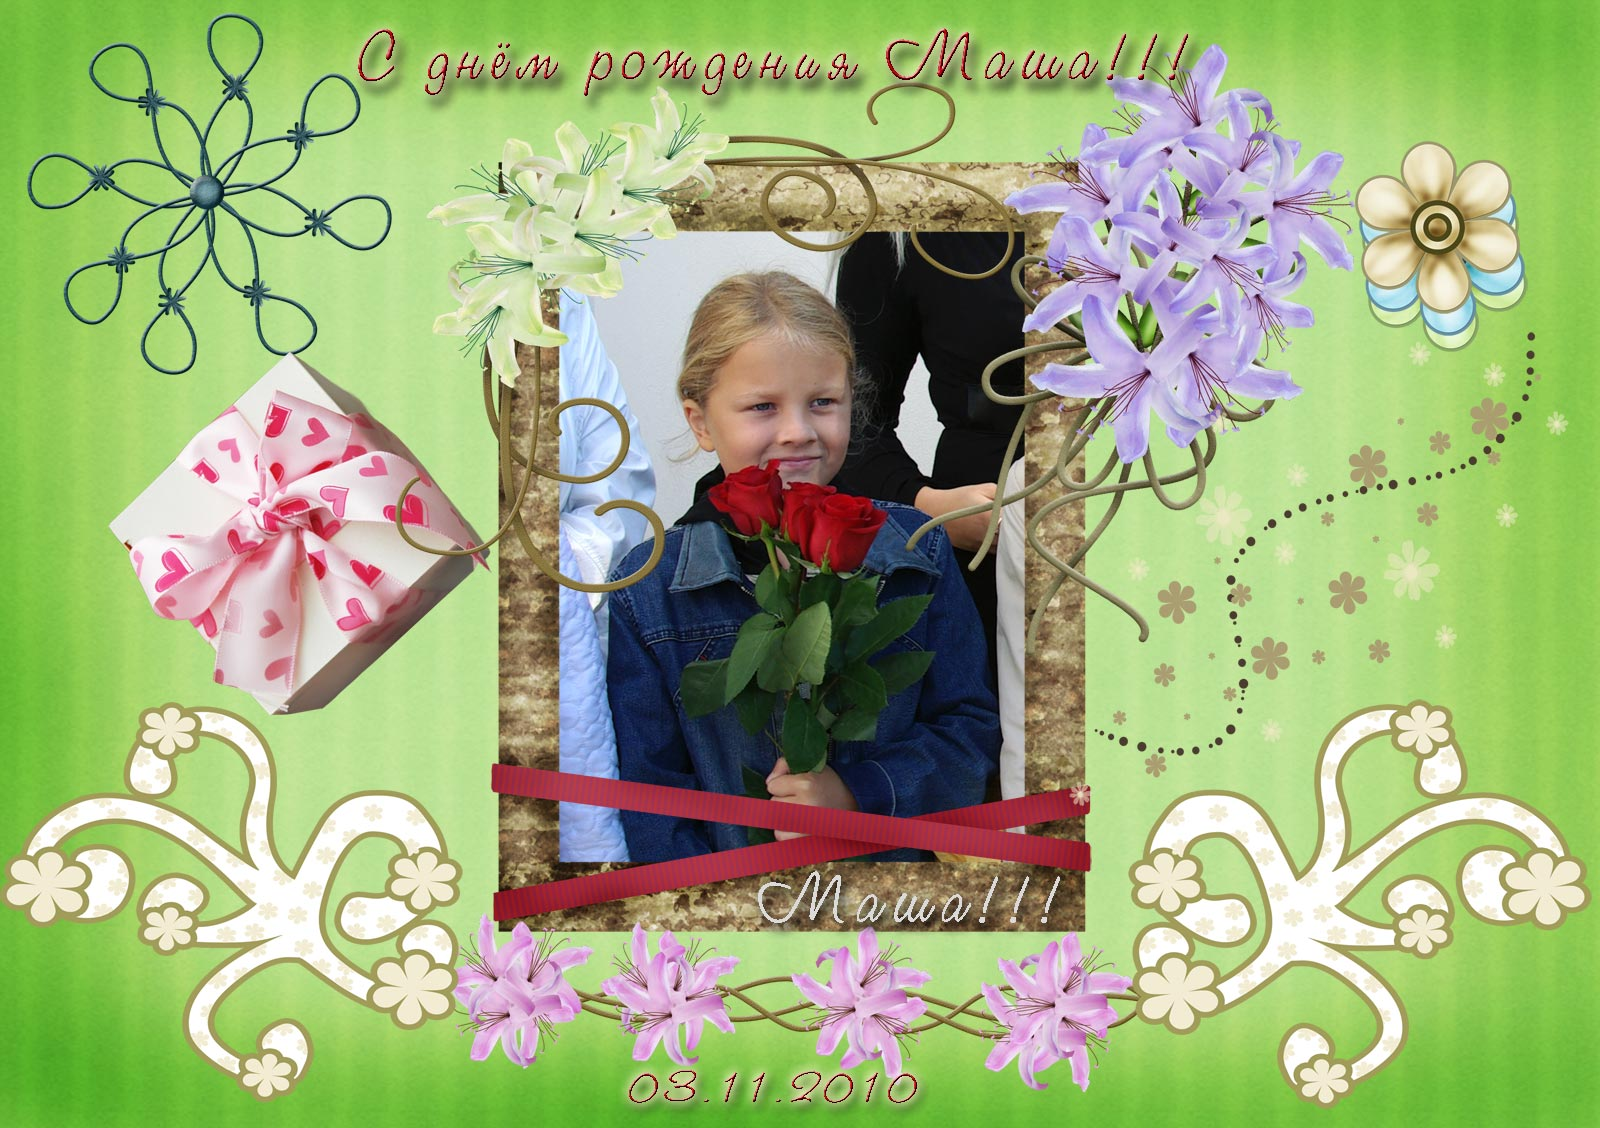 Поздравления с днём рождения для лизы в стихах